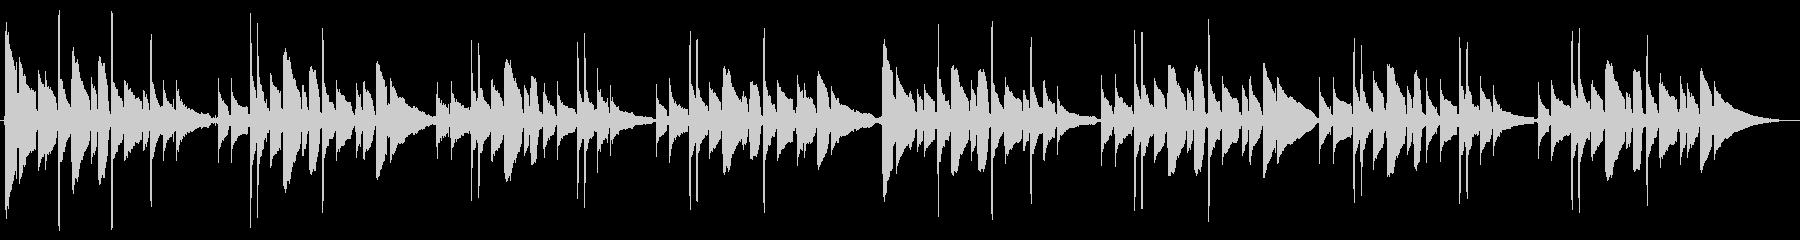 「蛍の光」 アコースティックギター演奏の未再生の波形